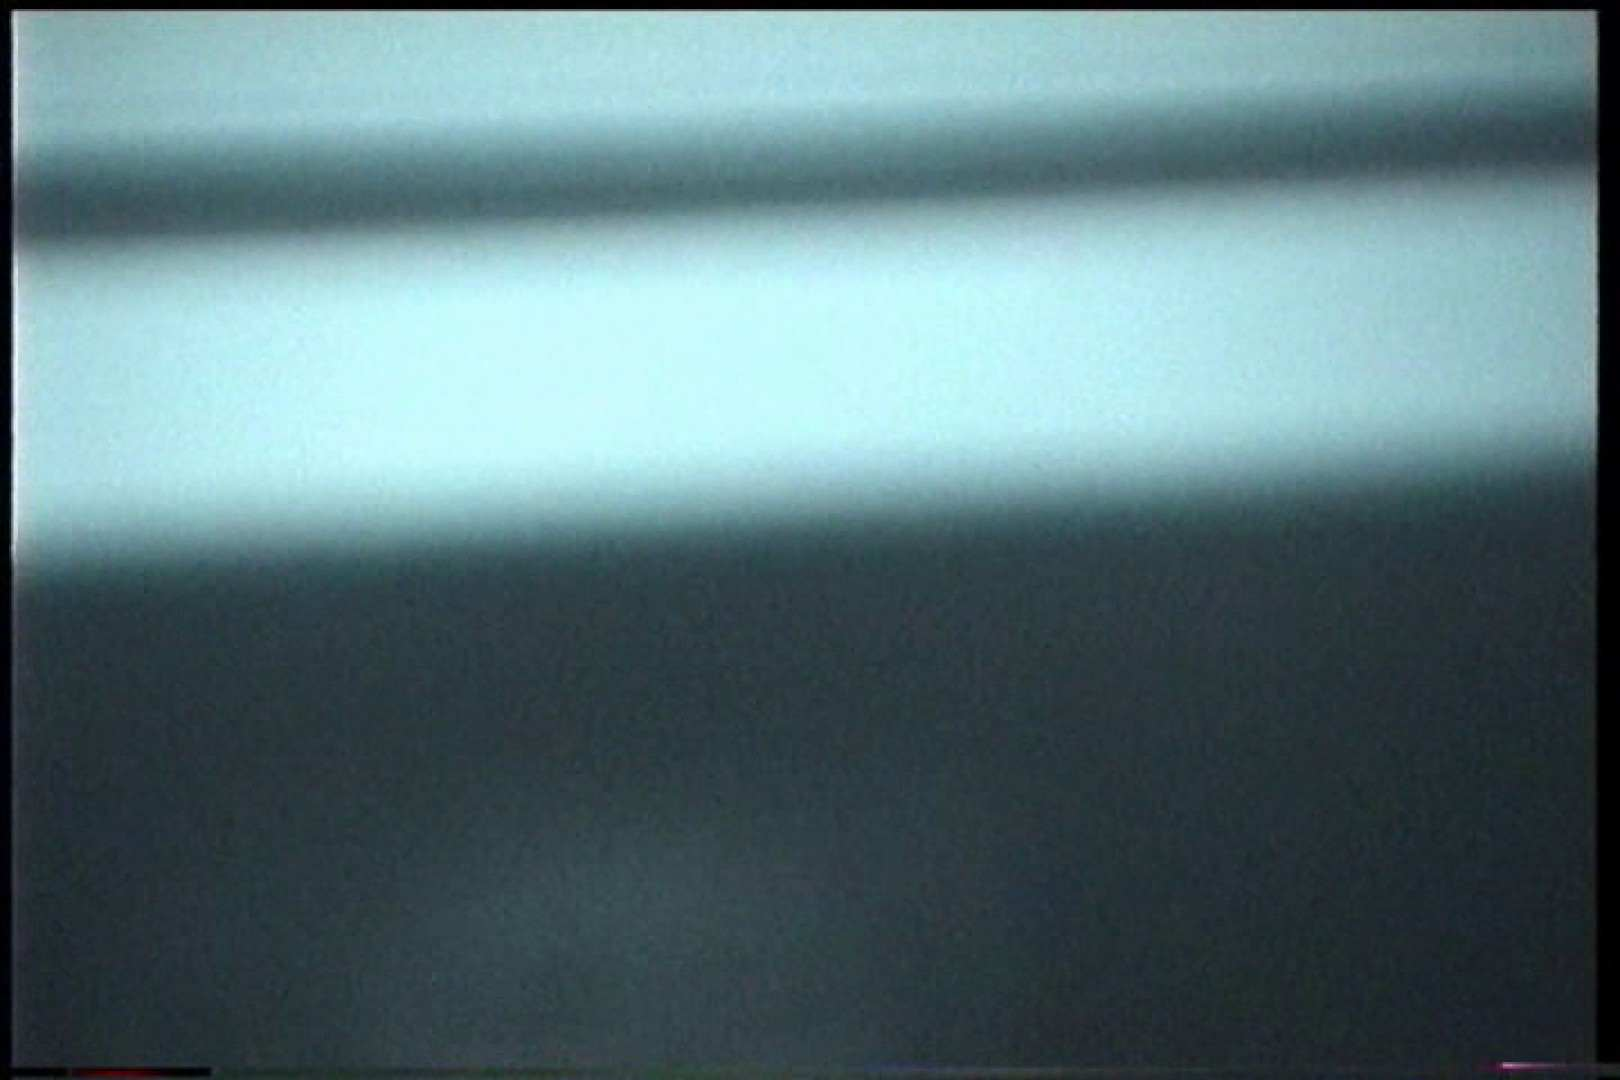 「充血監督」さんの深夜の運動会!! vol.183 手マンシーン | パンツの中は。。  79PIX 1